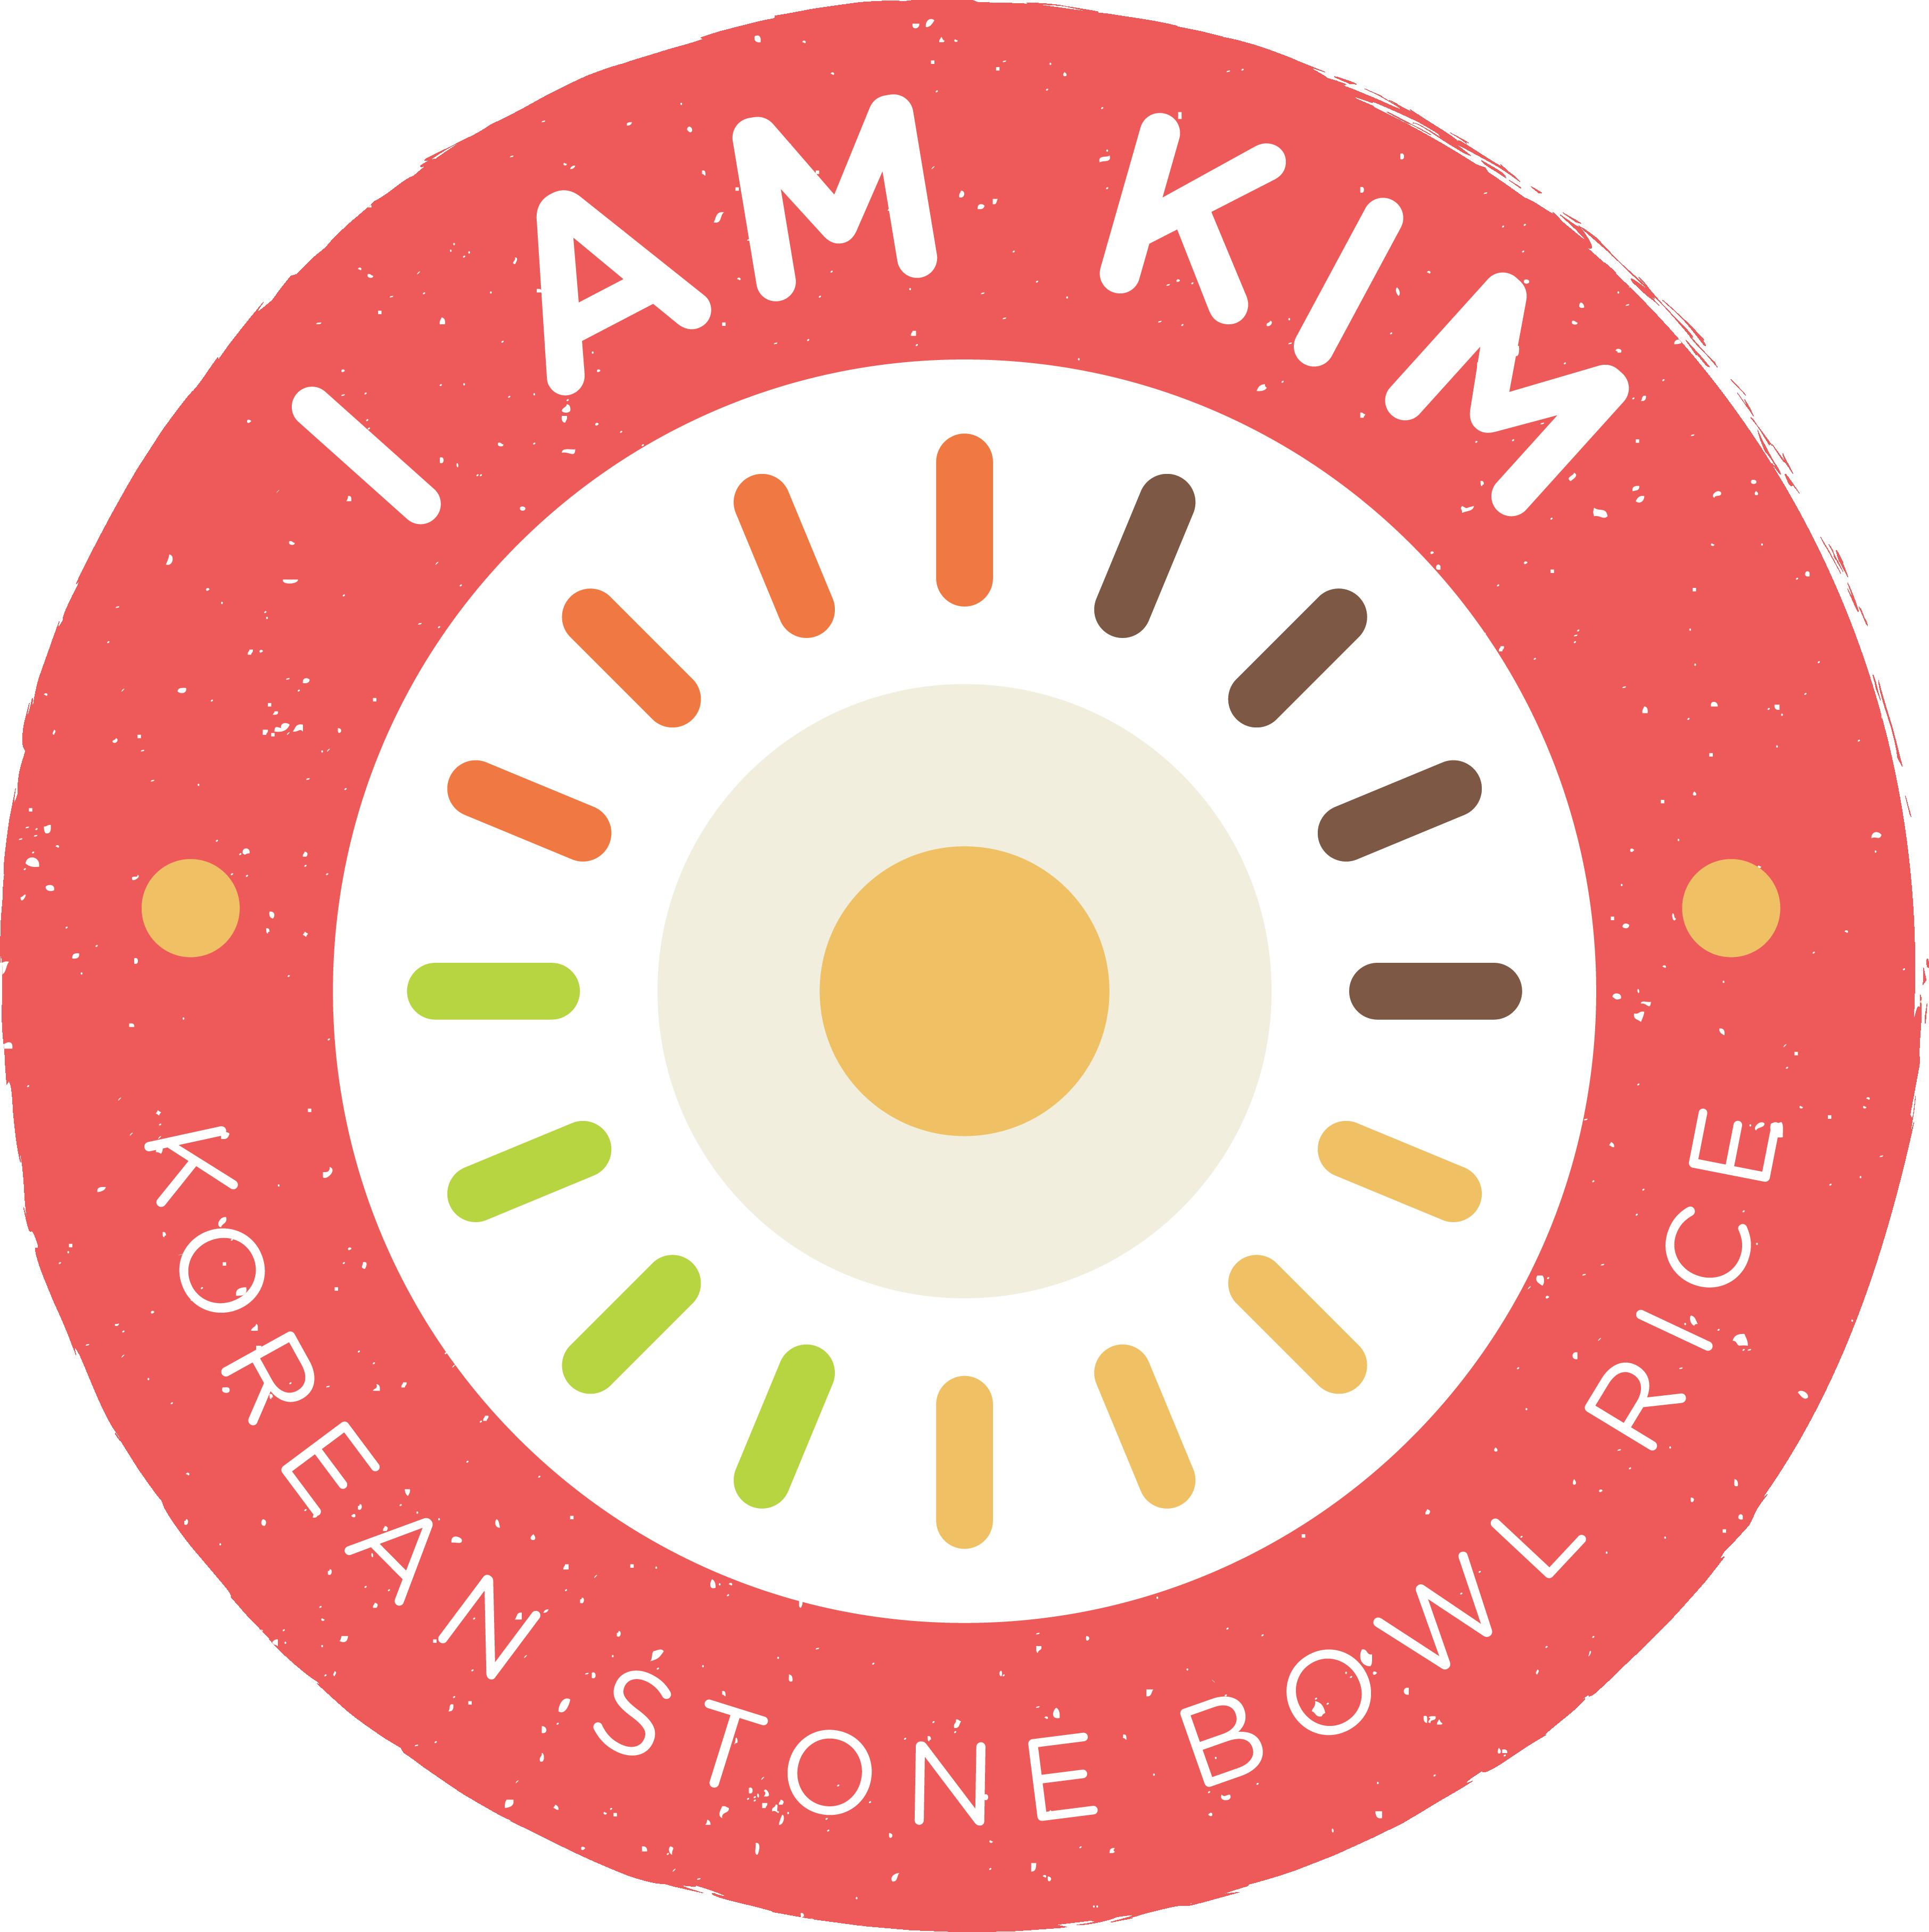 I AM KIM